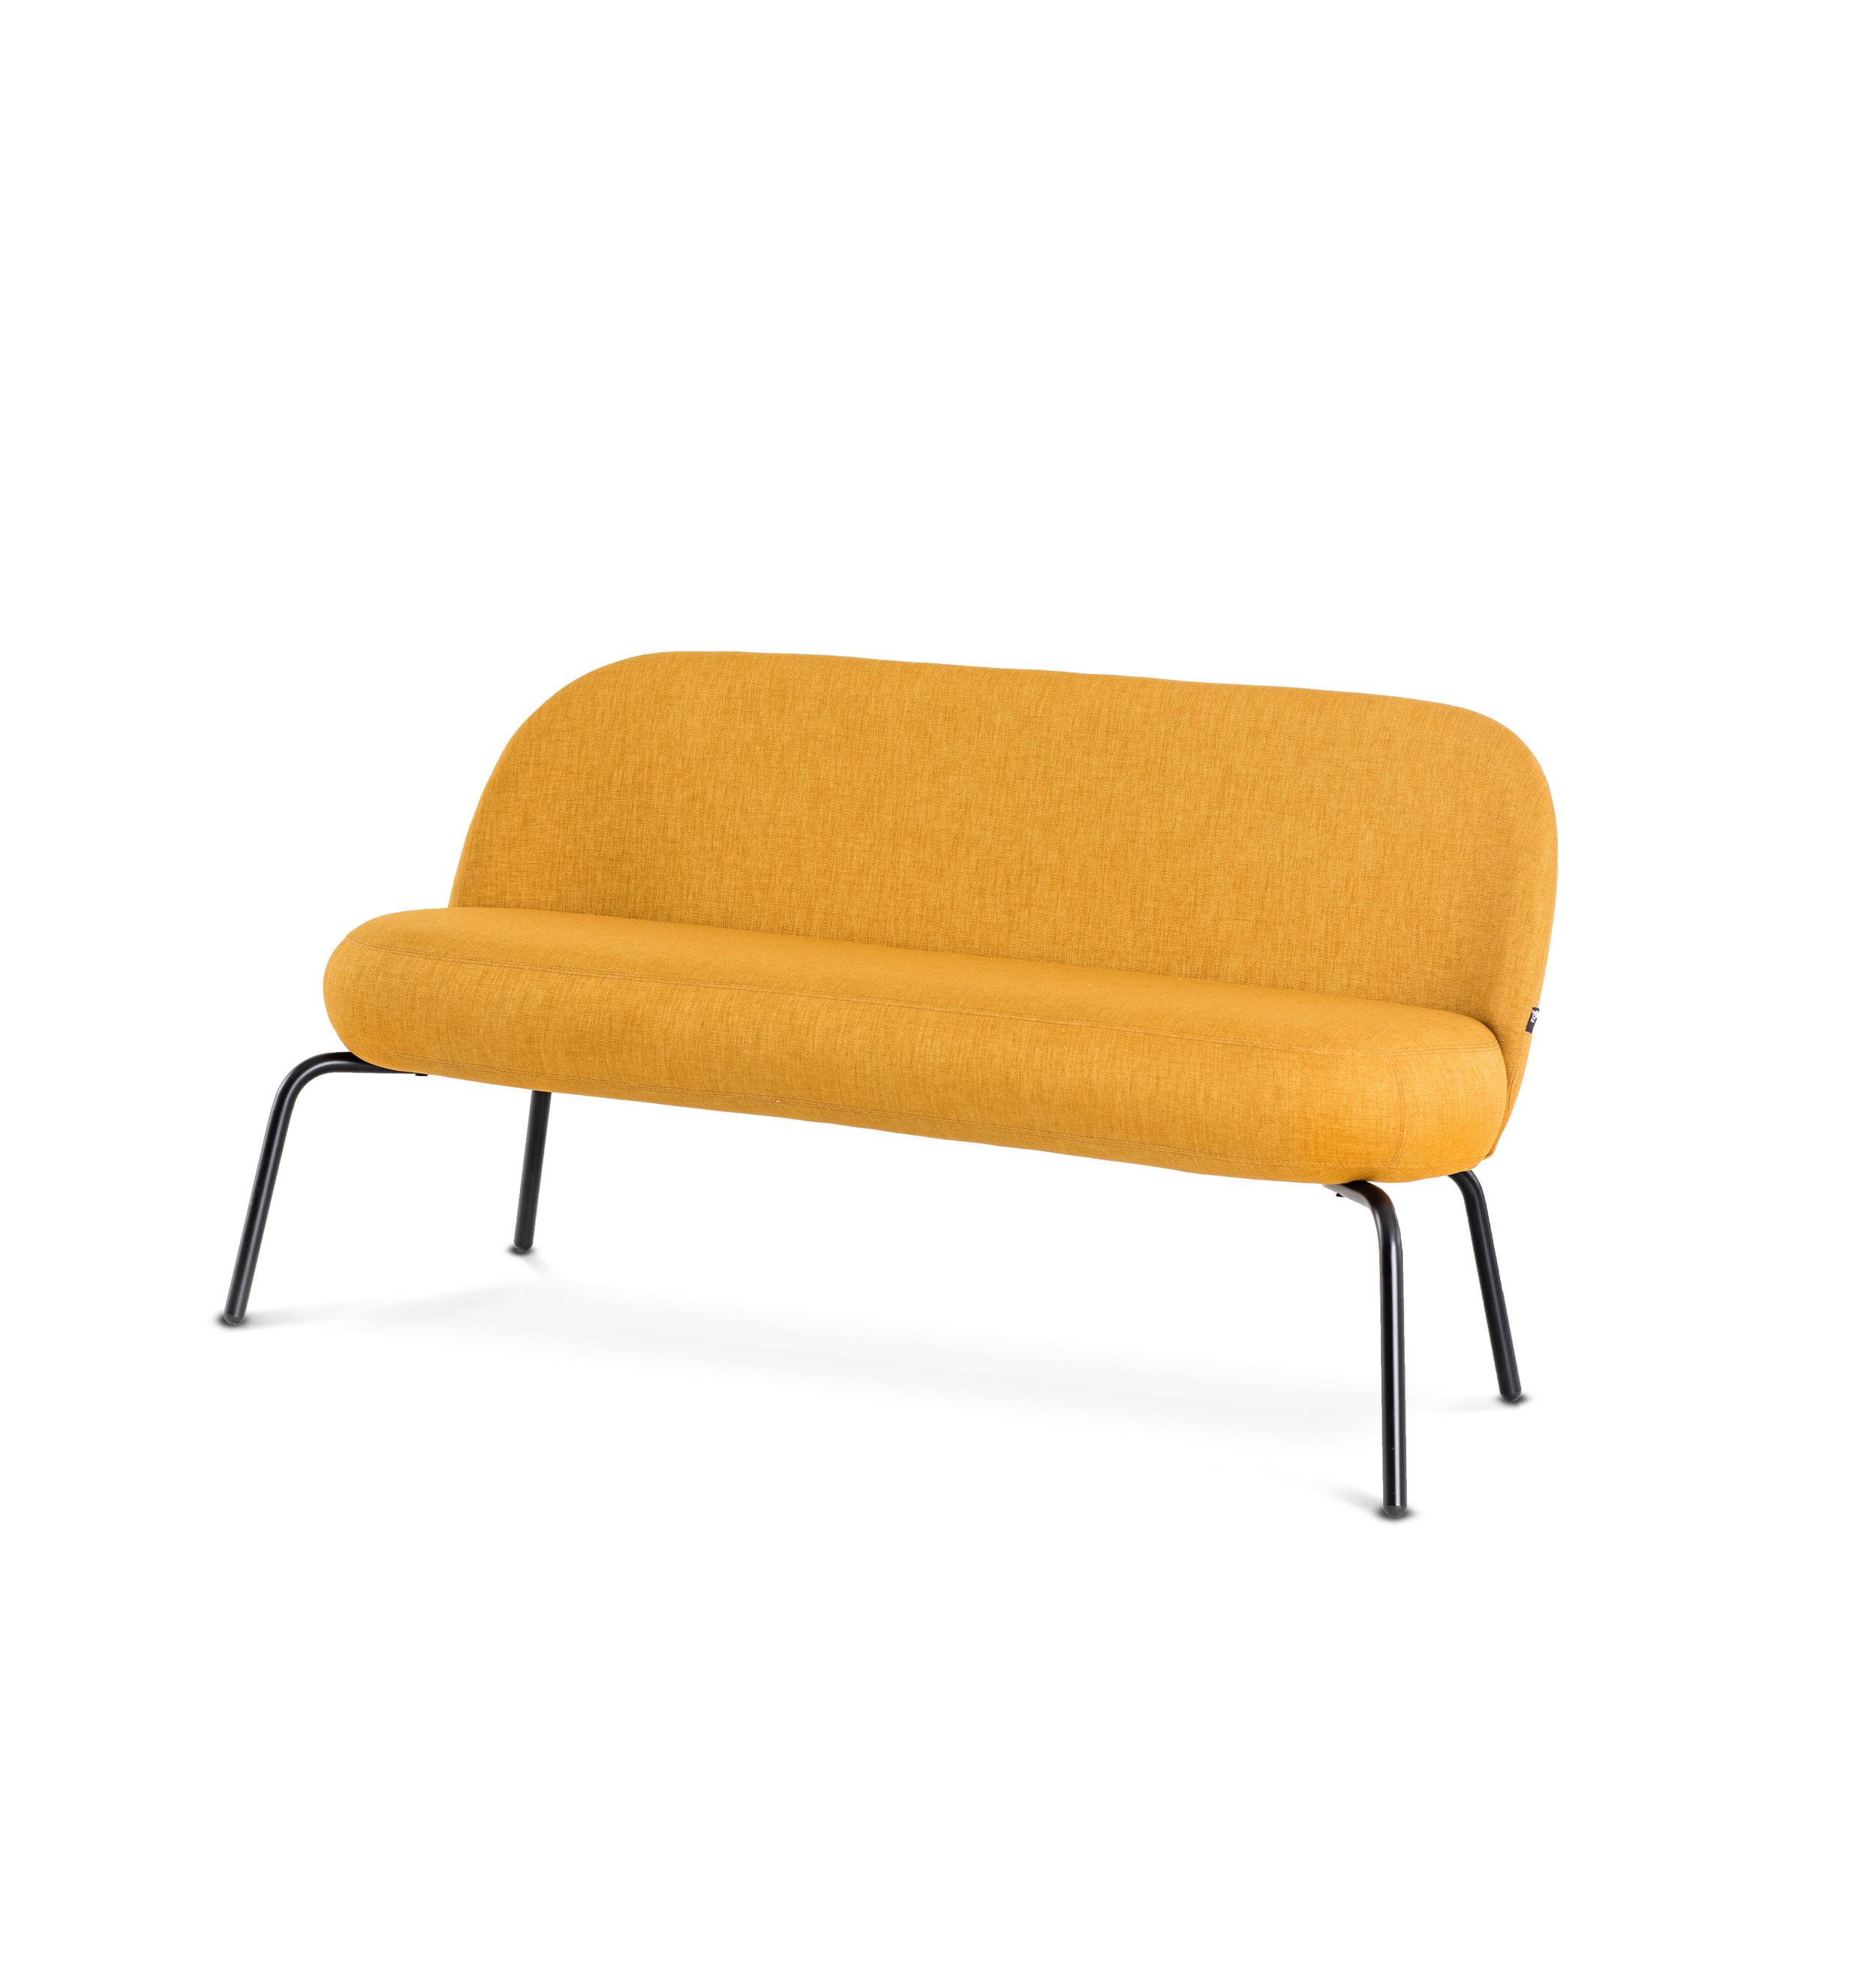 Friend soffa gul fram med skugga1.jpg